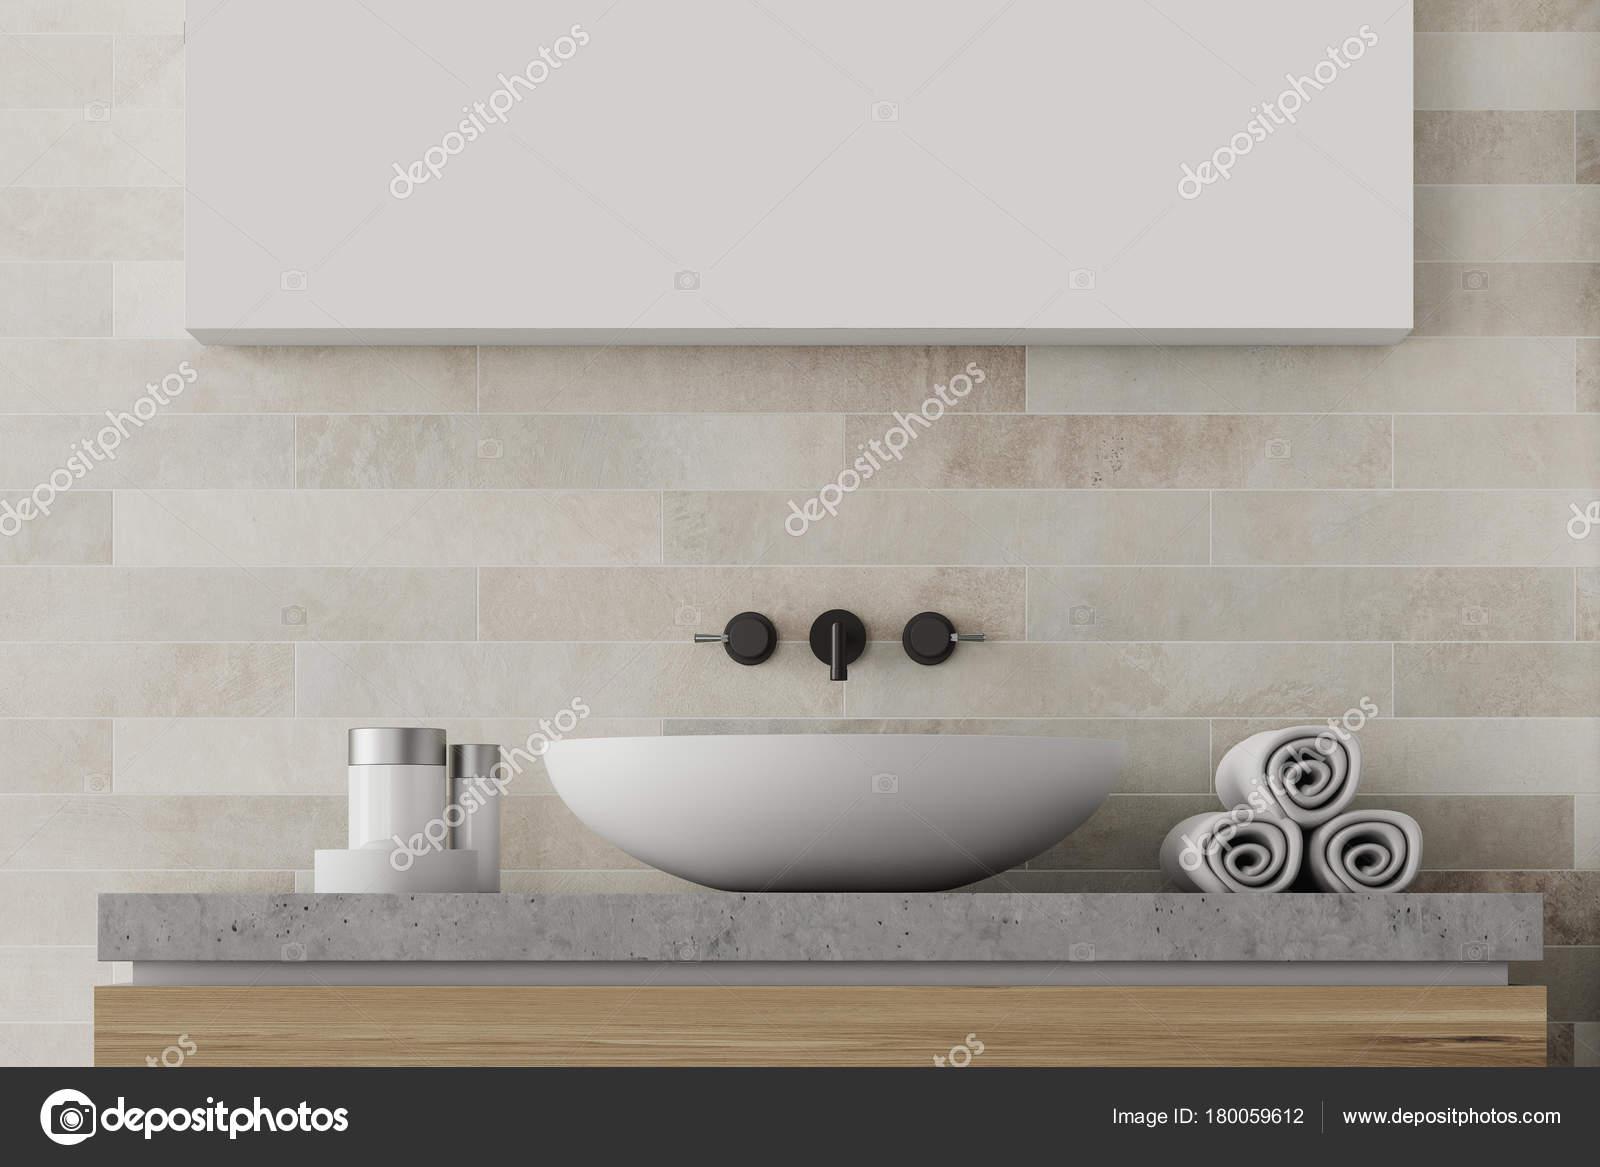 Lavandino del bagno di mattoni bianchi u2014 foto stock © denisismagilov